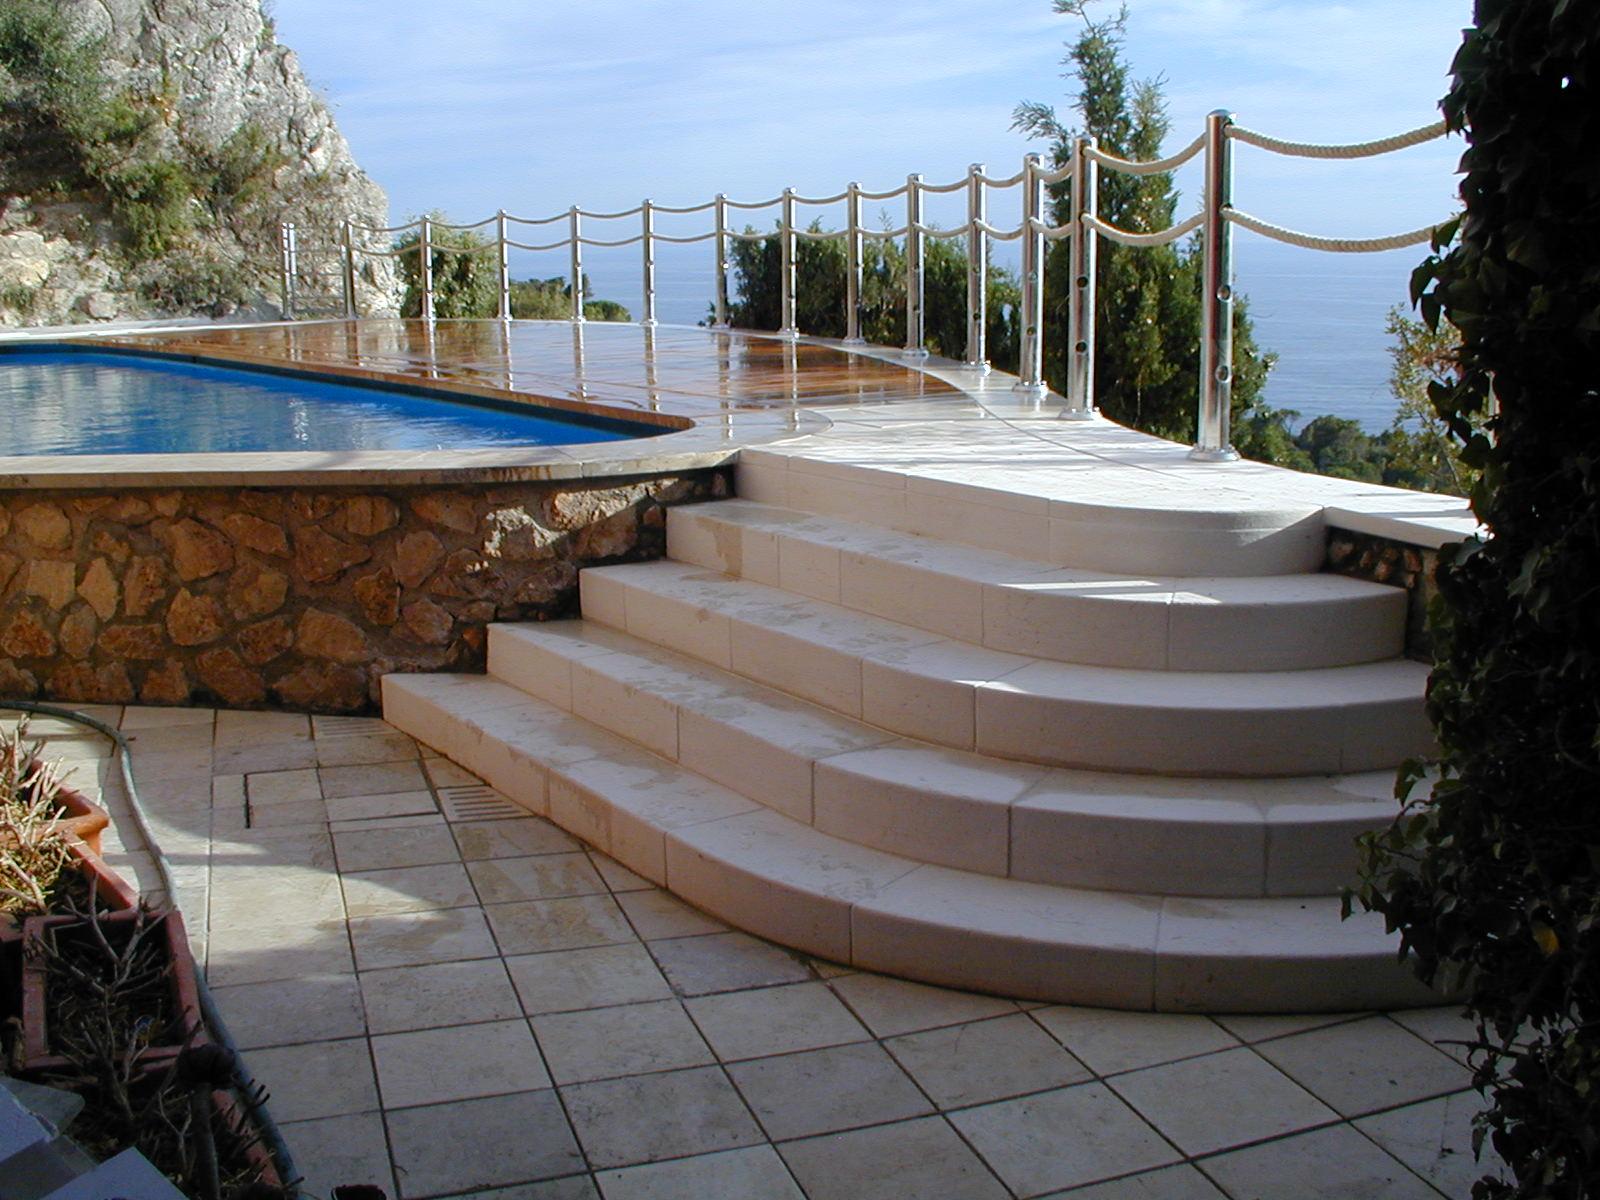 Realizzazione di nuovo solarium e piscina, nella ristrutturazione di una villa estiva - ITON SRL